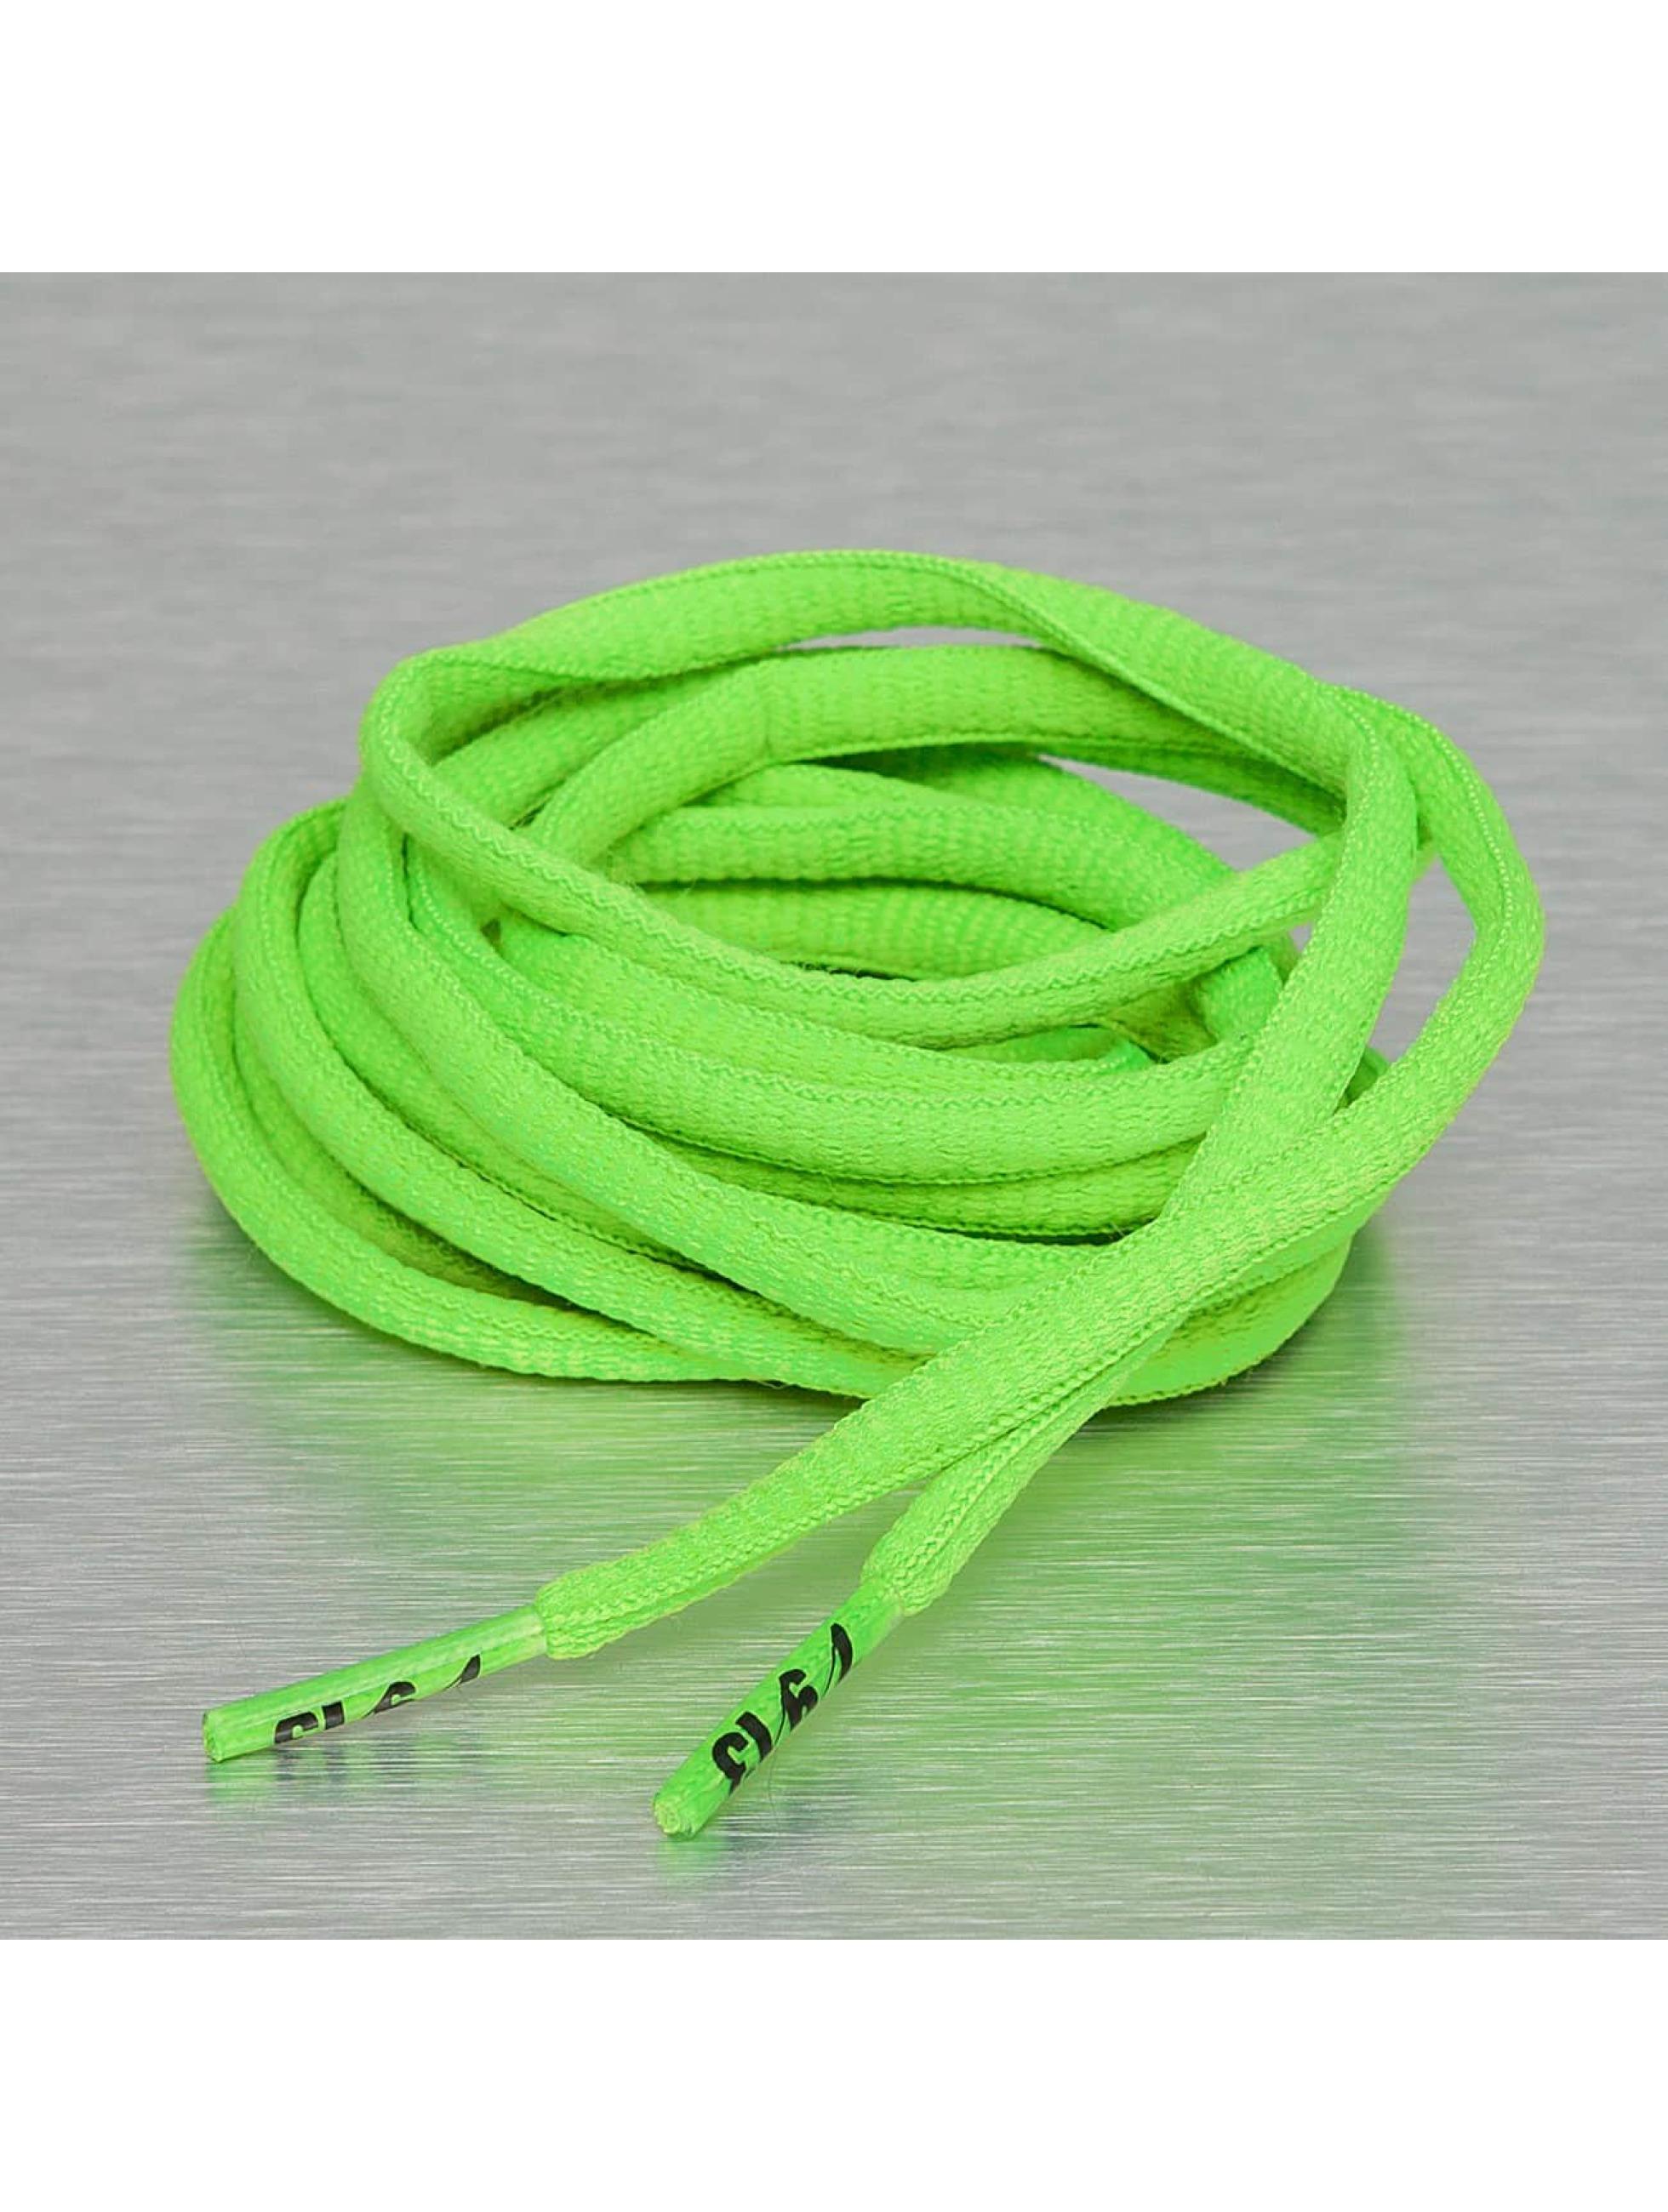 Seven Nine 13 Schoenveter Hard Candy Round groen